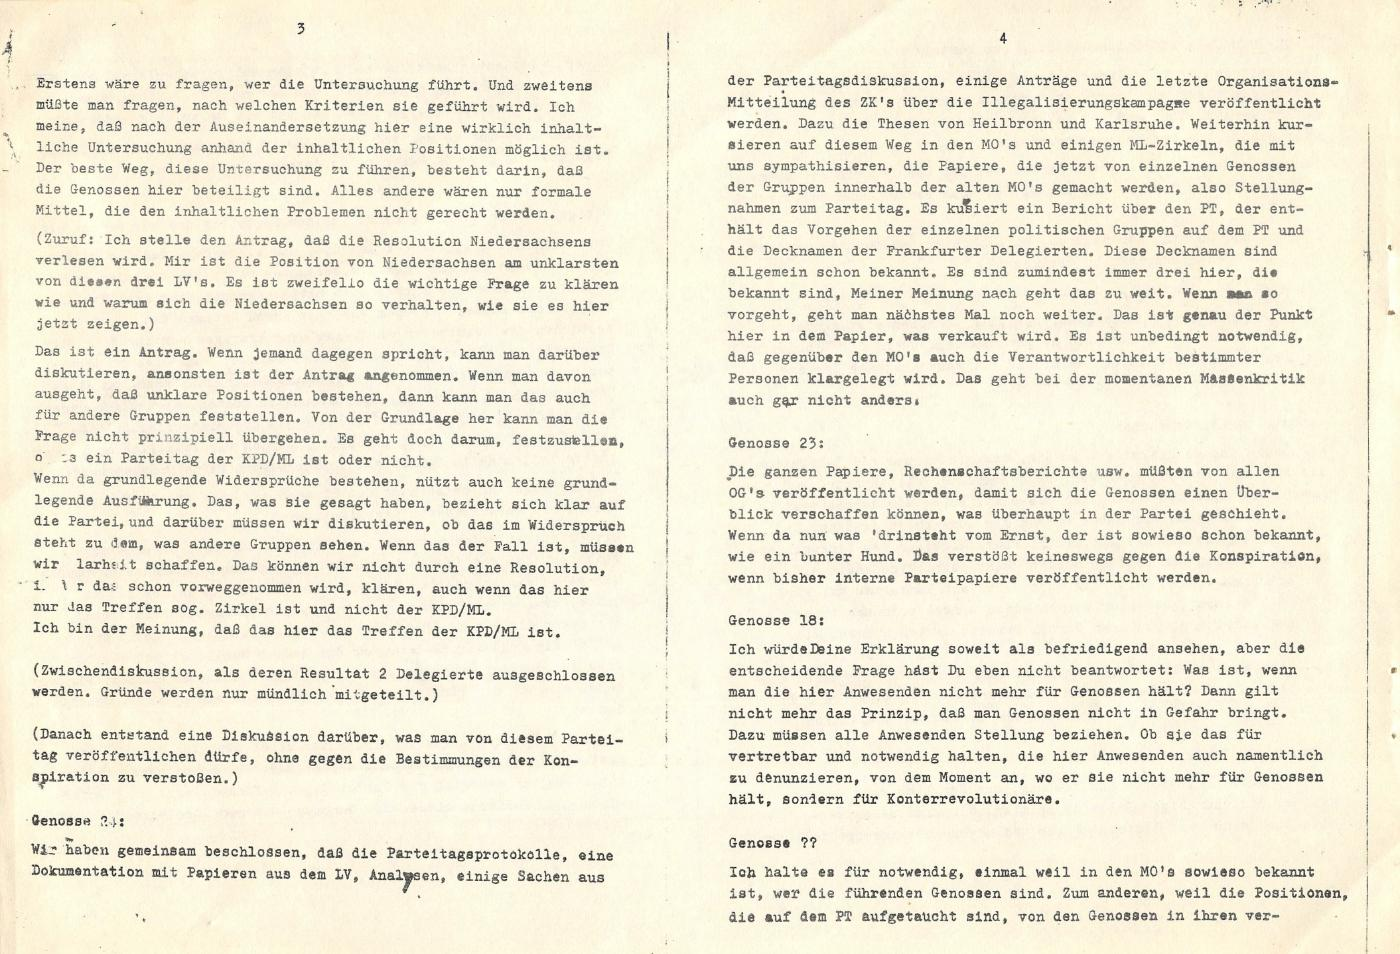 KPDML_1971_Wortprotokolle_aoPt_003